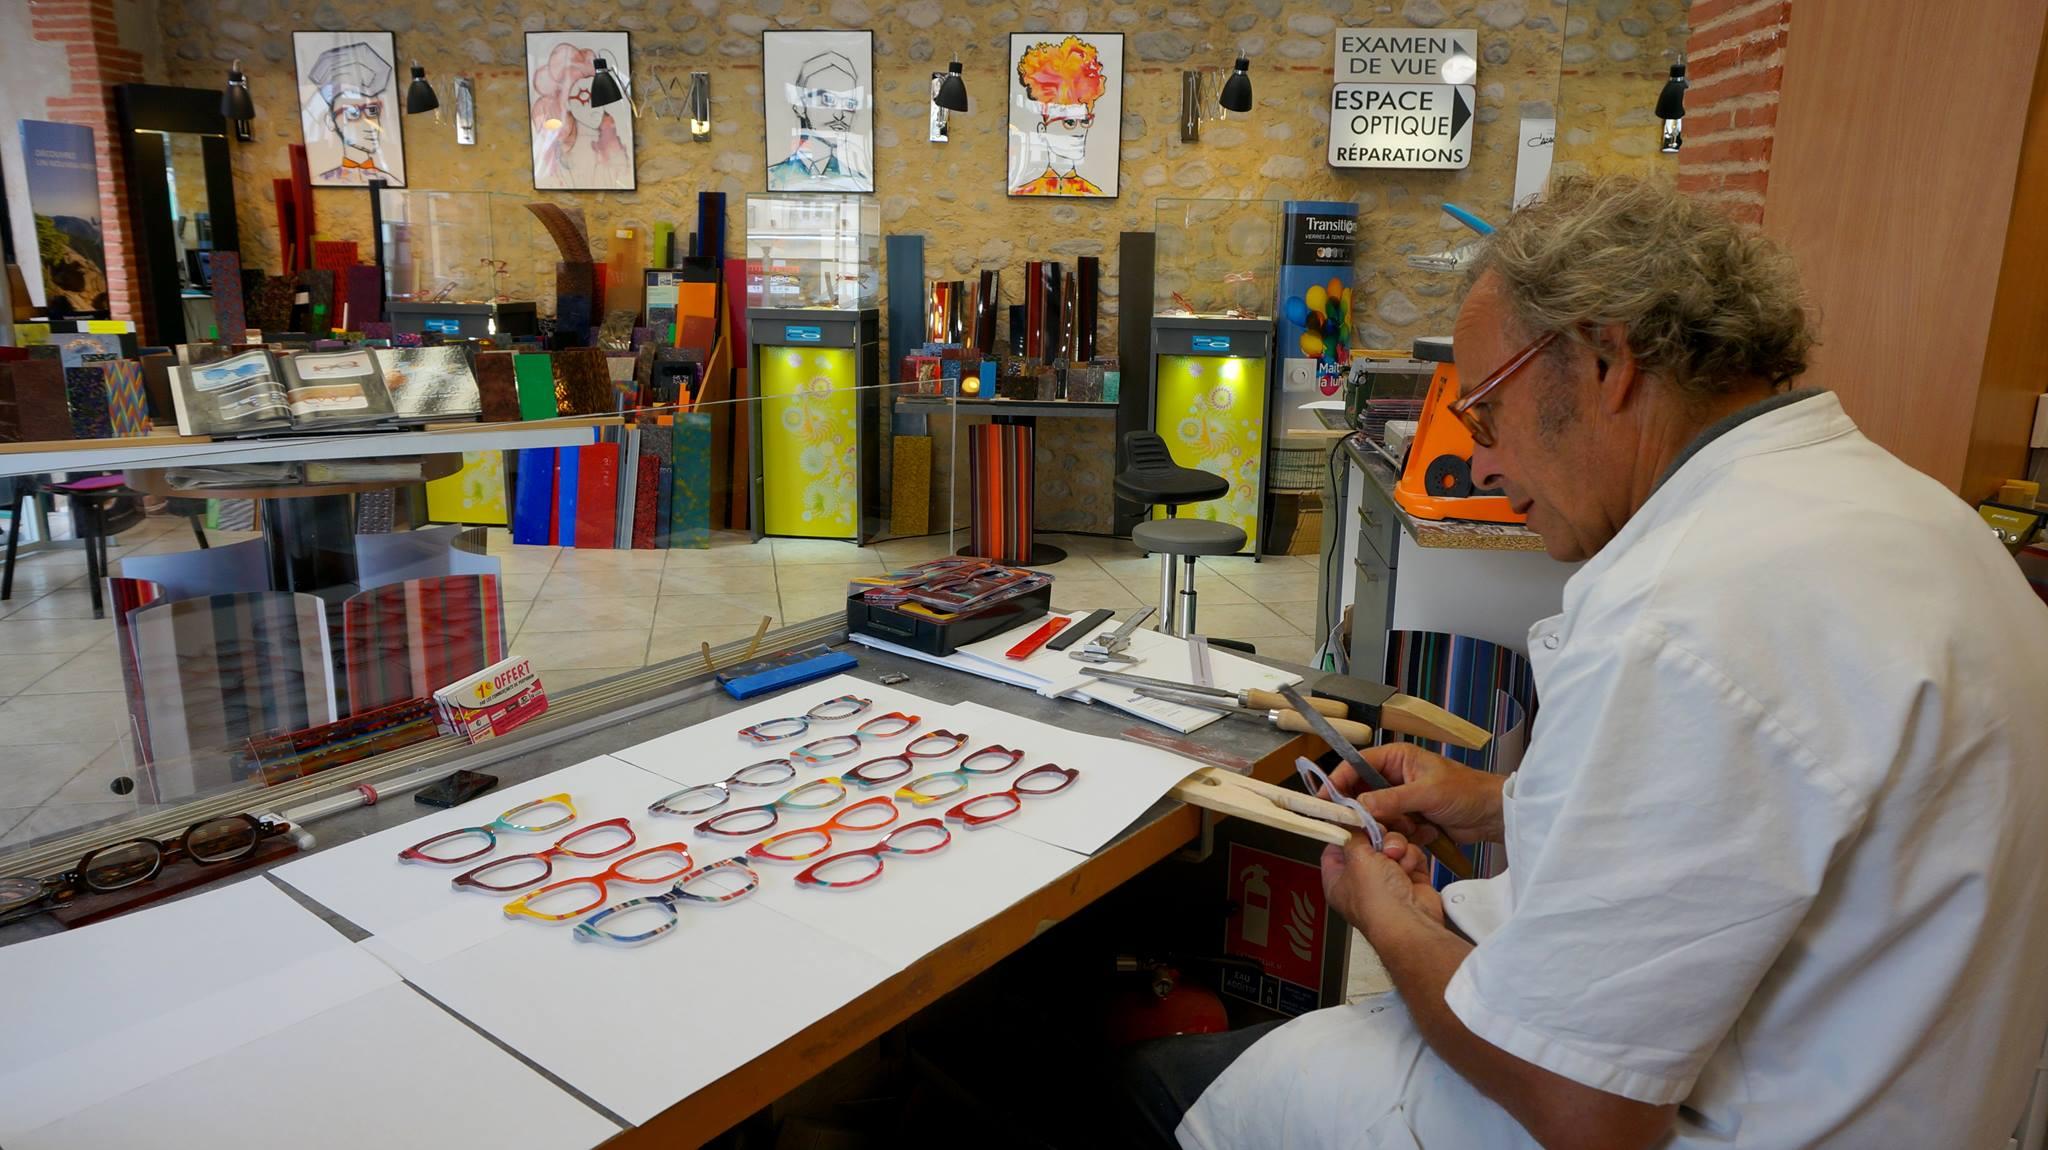 L'atelier Michel Chanard